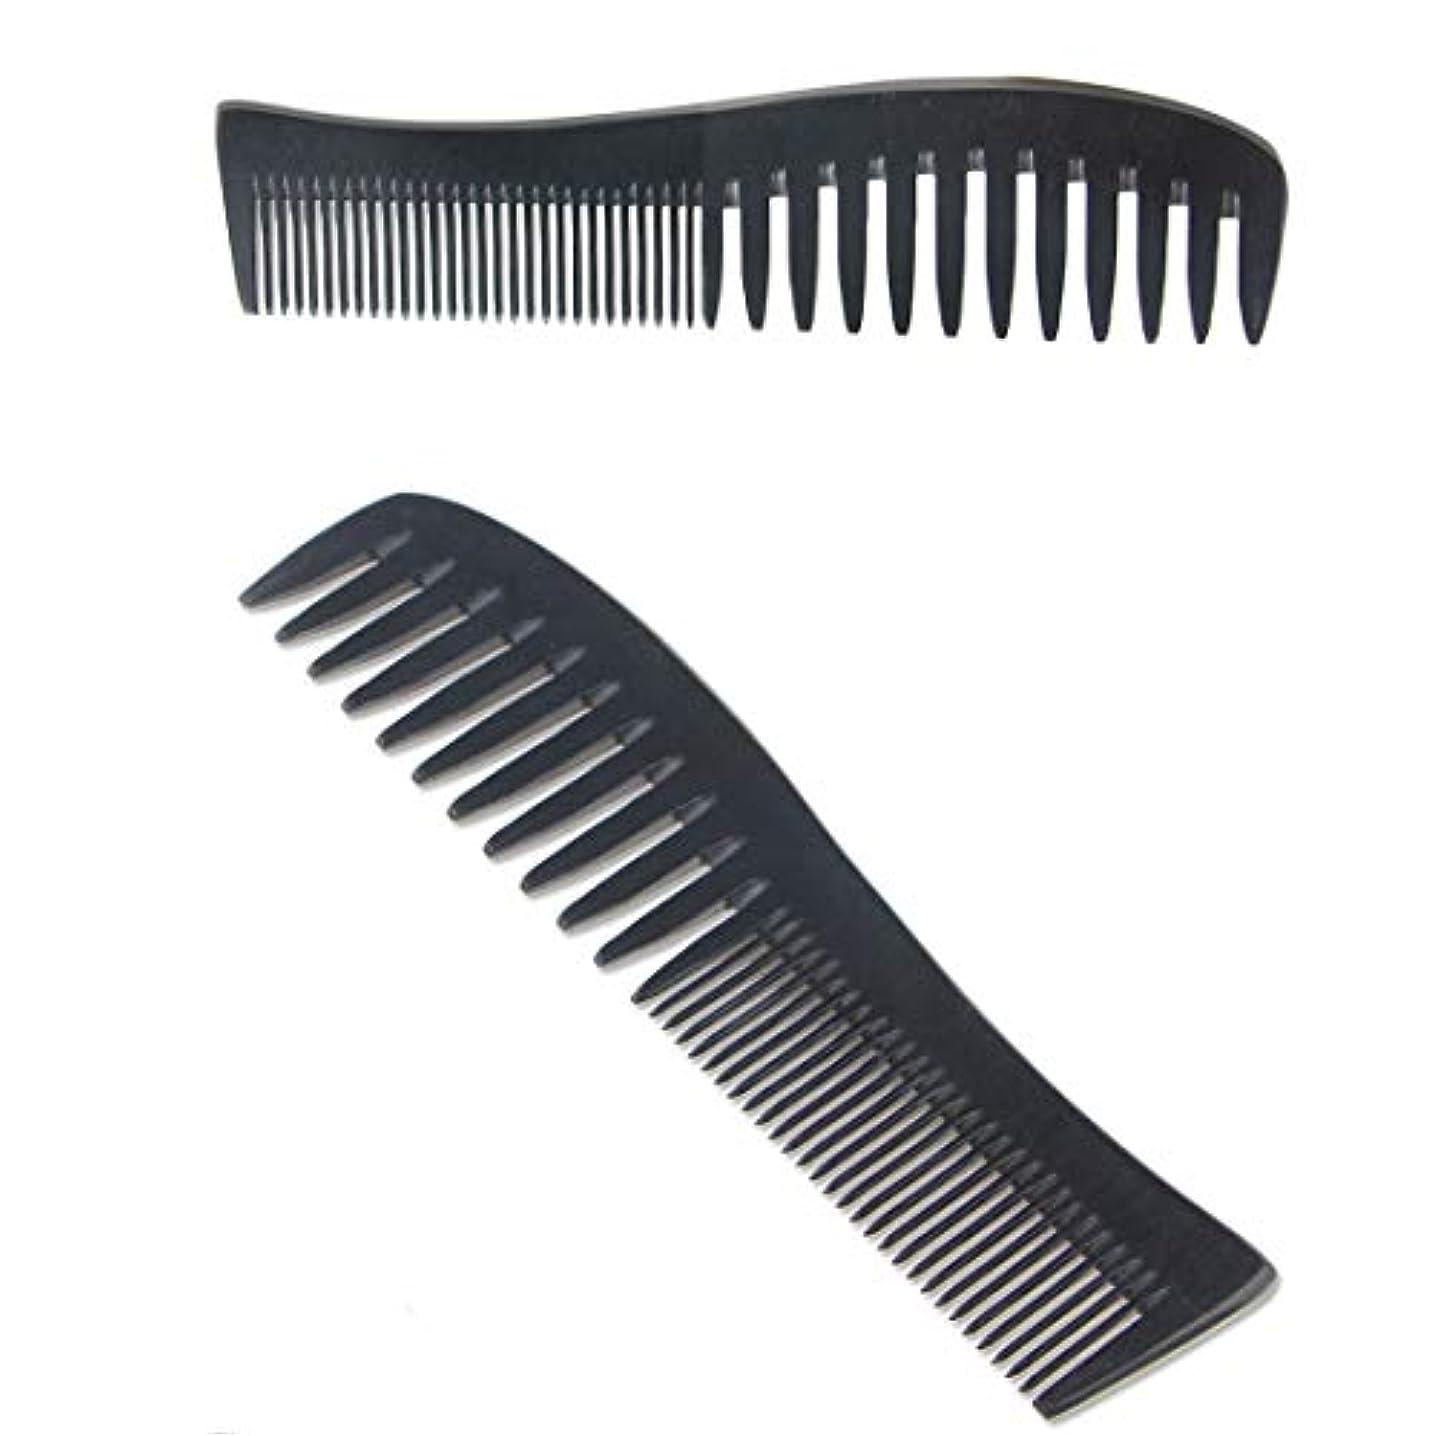 イサカ王位左頭皮および毛の健康のために適した環境に優しい2本の罰金および広い歯のハンドメイドの木の櫛 Peisui (色 : 2Pcs)